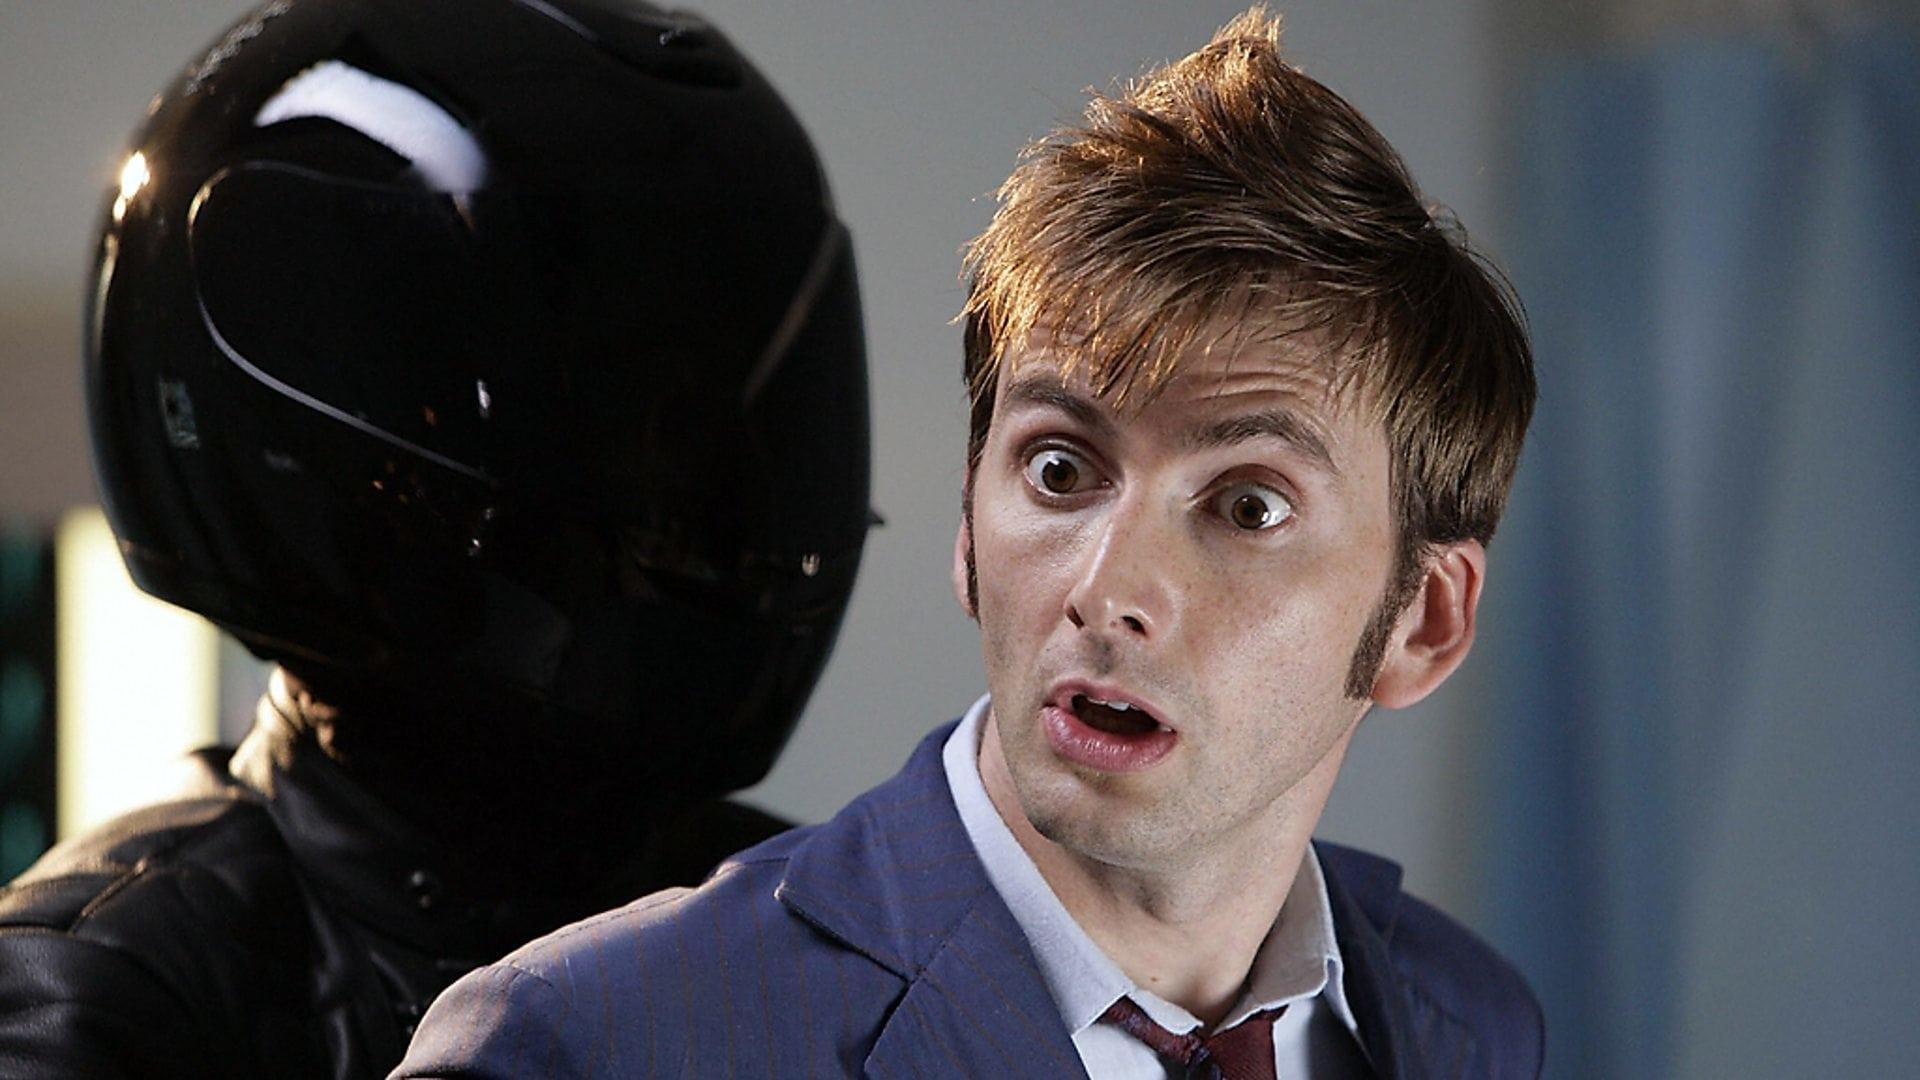 Doctor Who - Season 3 Episode 1 : Smith and Jones